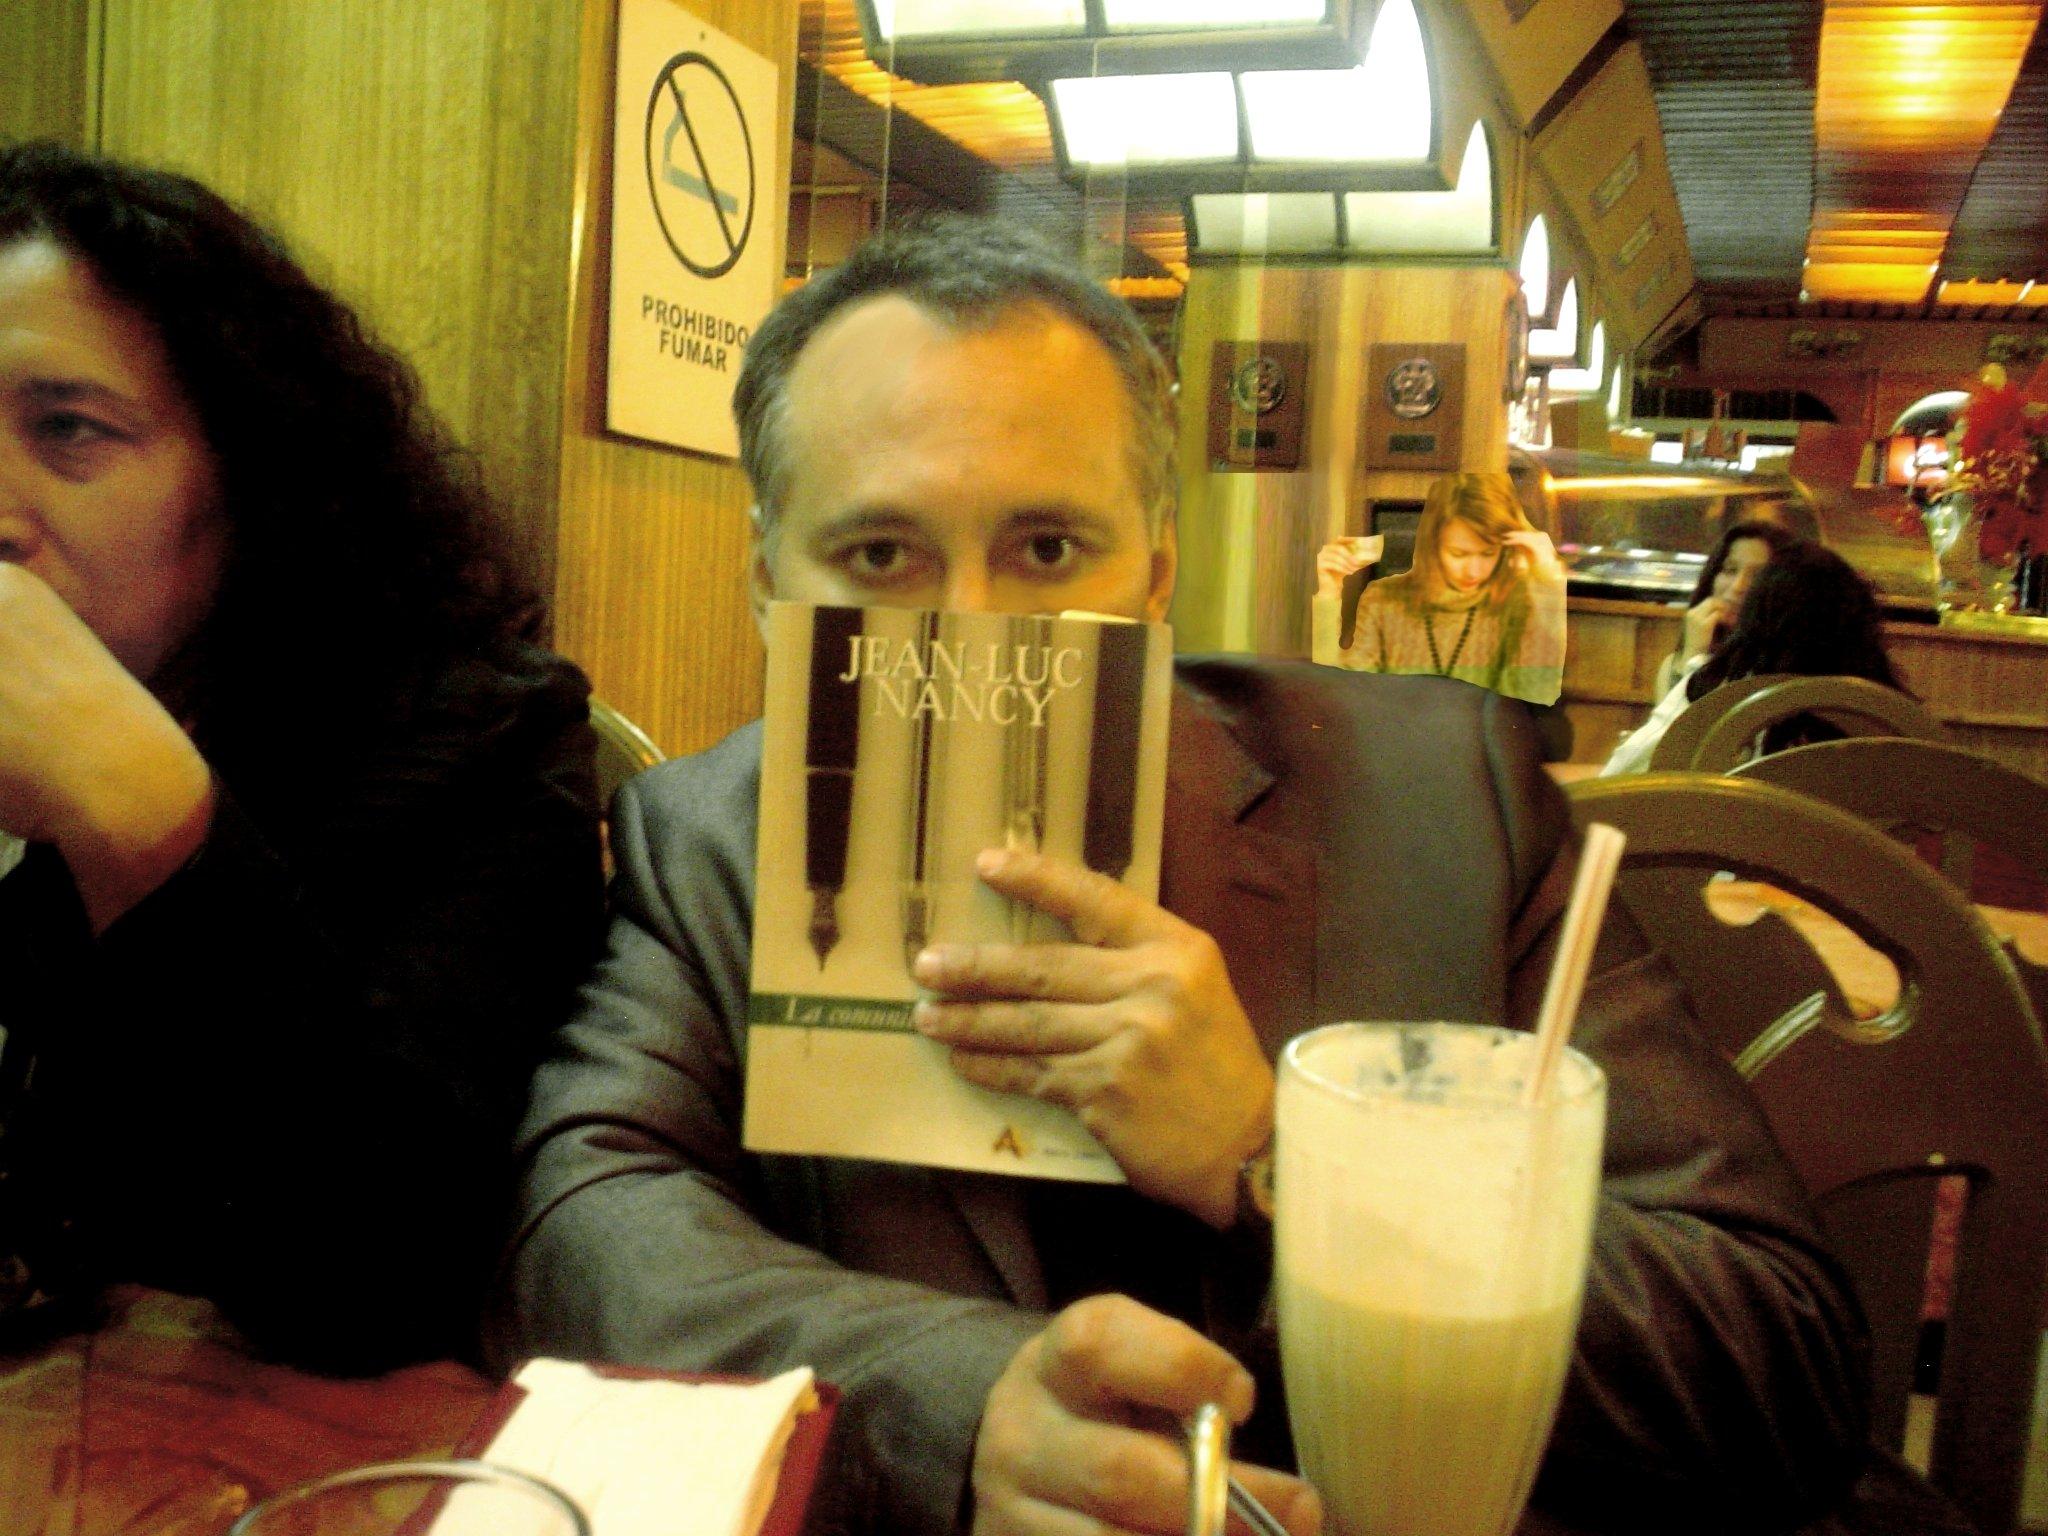 http://adolfovasquezrocca.files.wordpress.com/2013/02/adolfo-vasquez-rocca-cafe-libro-_-fondo-007-700-_7.jpg